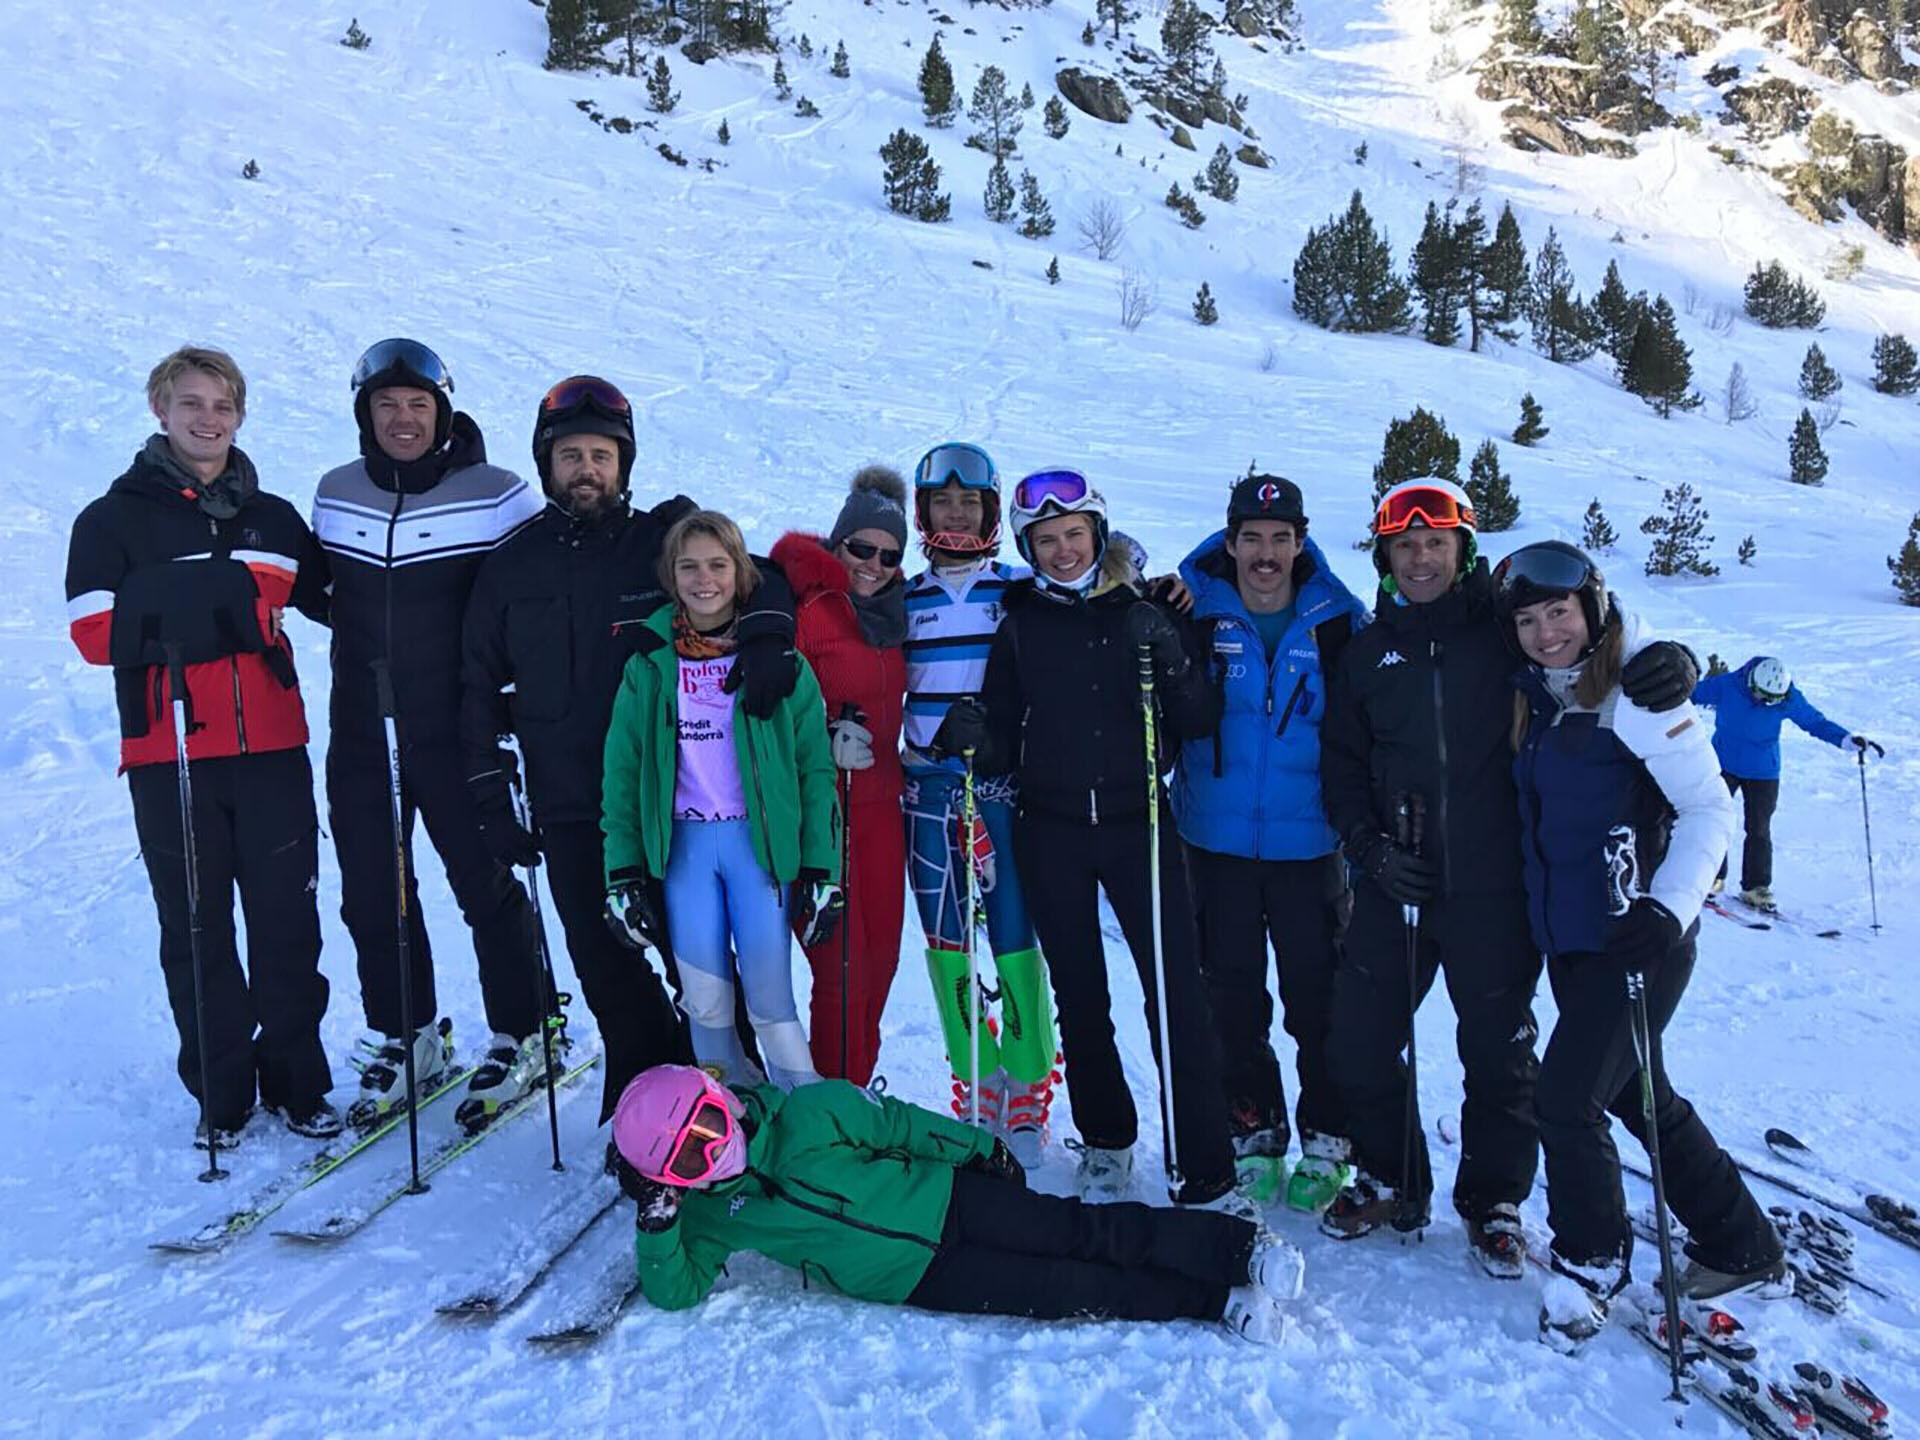 Los Gravier- Mazza en la nieve europea: una familia que cada invierno disfruta del esquí en las mejores pistas del mundo